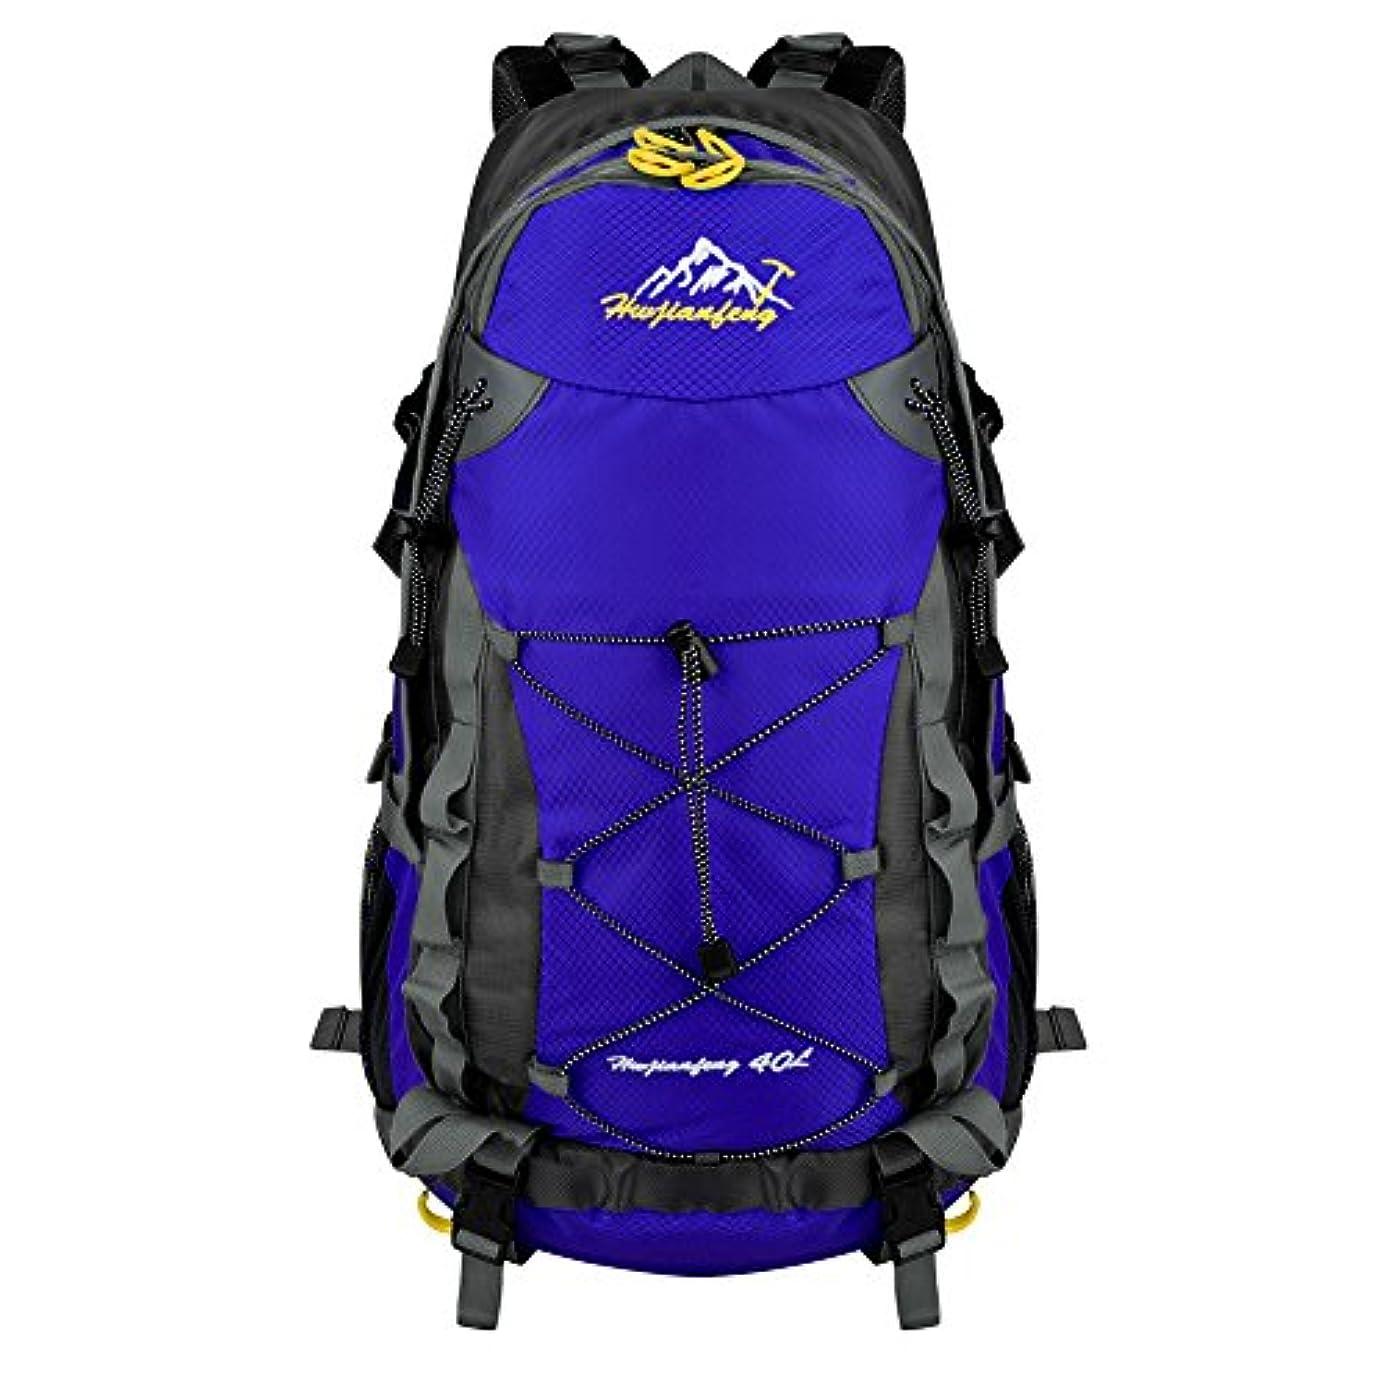 多くの危険がある状況オッズプレゼンターVBIGER 登山 リュック アウトドア ザック 40L/55L アルパインパック 旅行 ハイキング トレッキング 防水 大容量